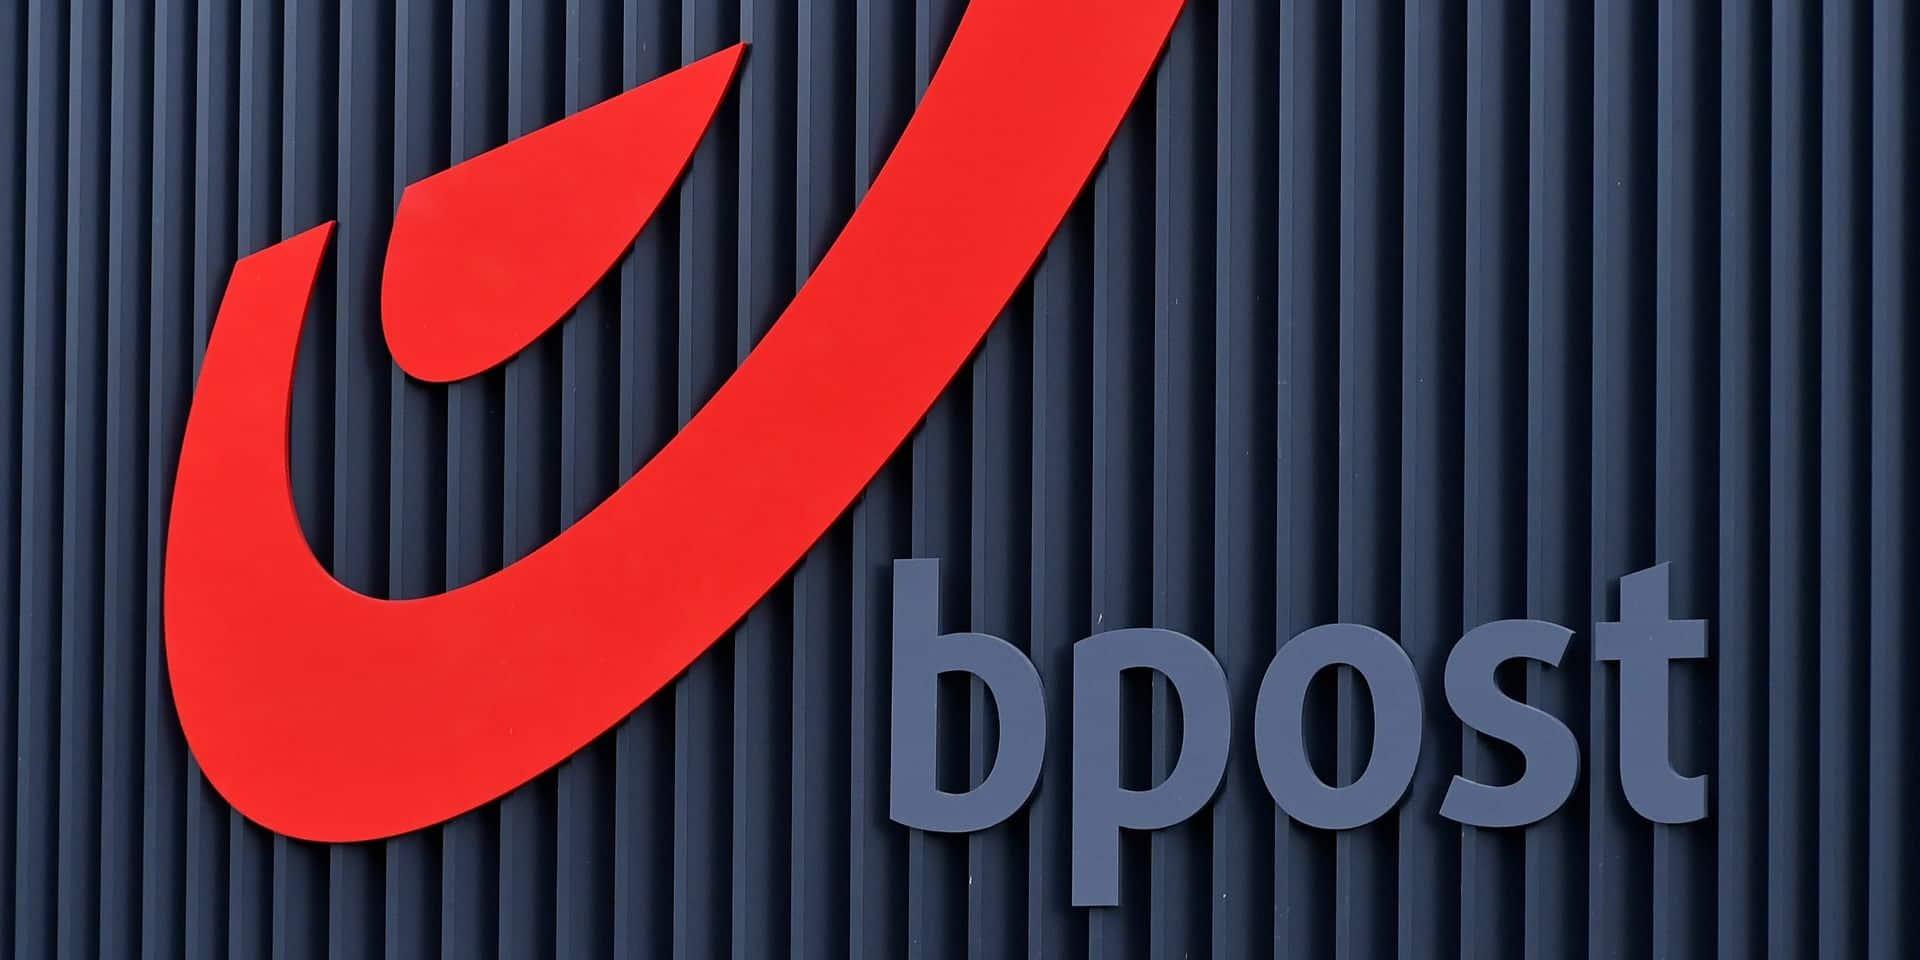 Le conseil d'administration de Bpost va être renouvelé : un ex-élu Ecolo fait son entrée